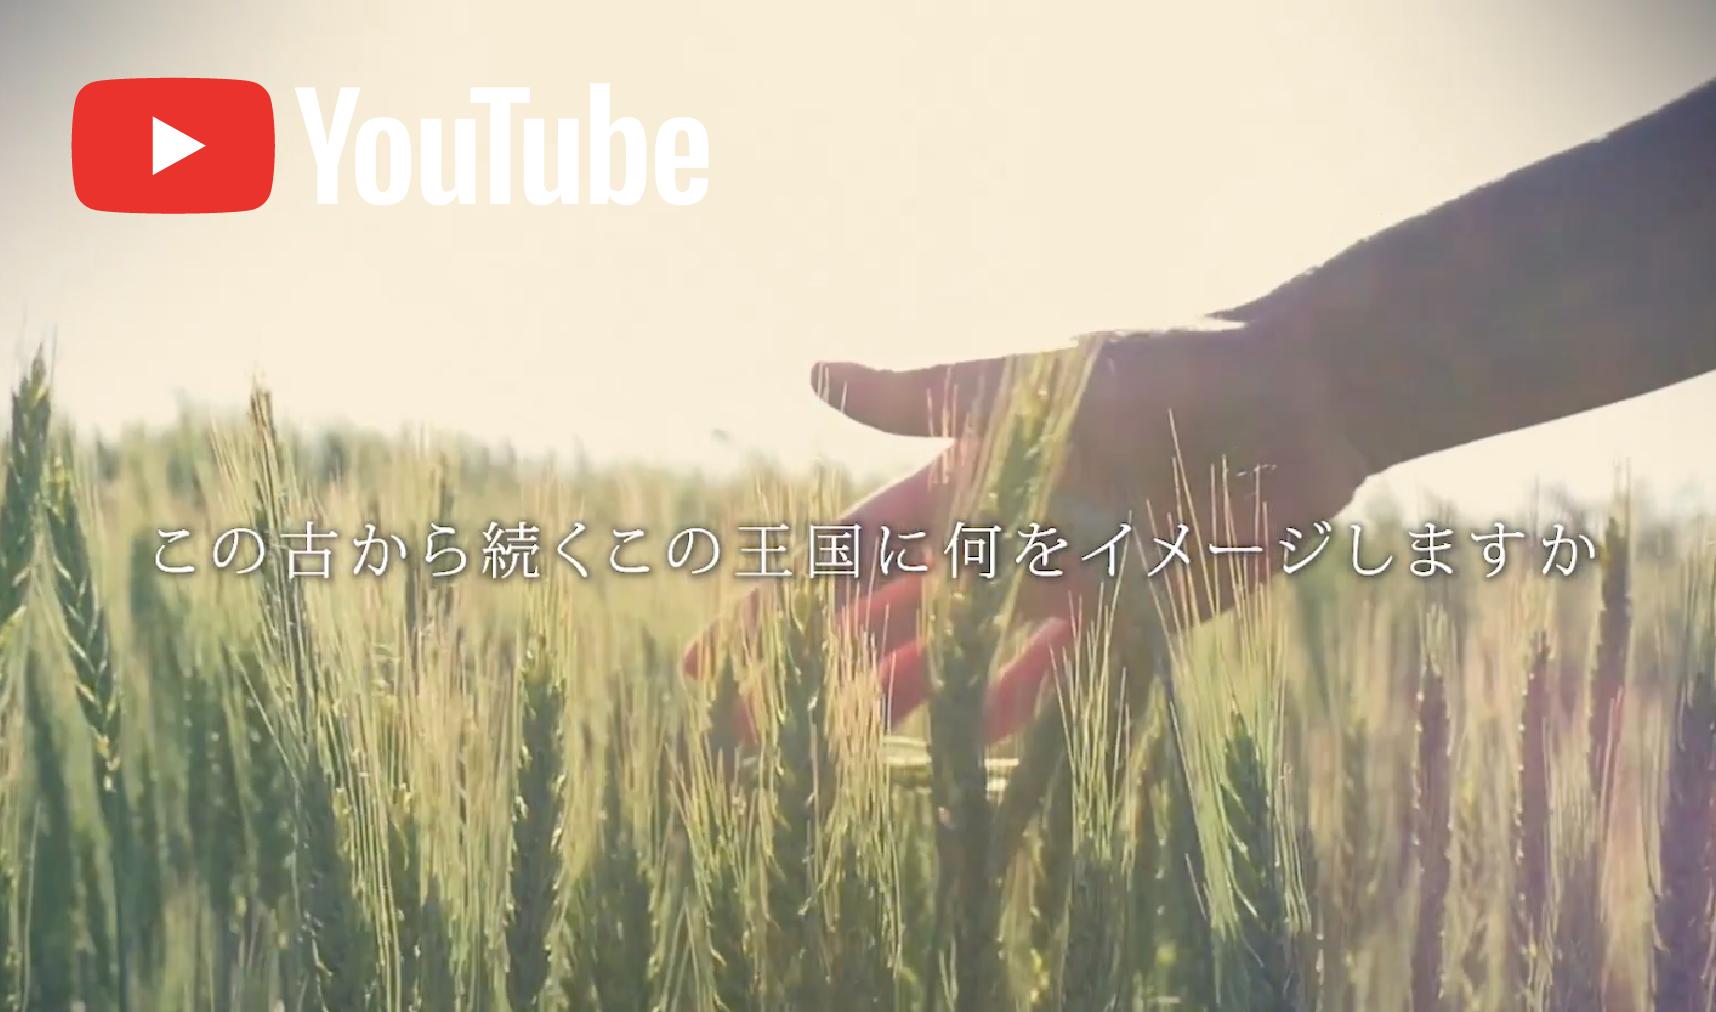 動画で仕掛けろ! Vol. 24 オーダーメイド動画総集編 第1弾